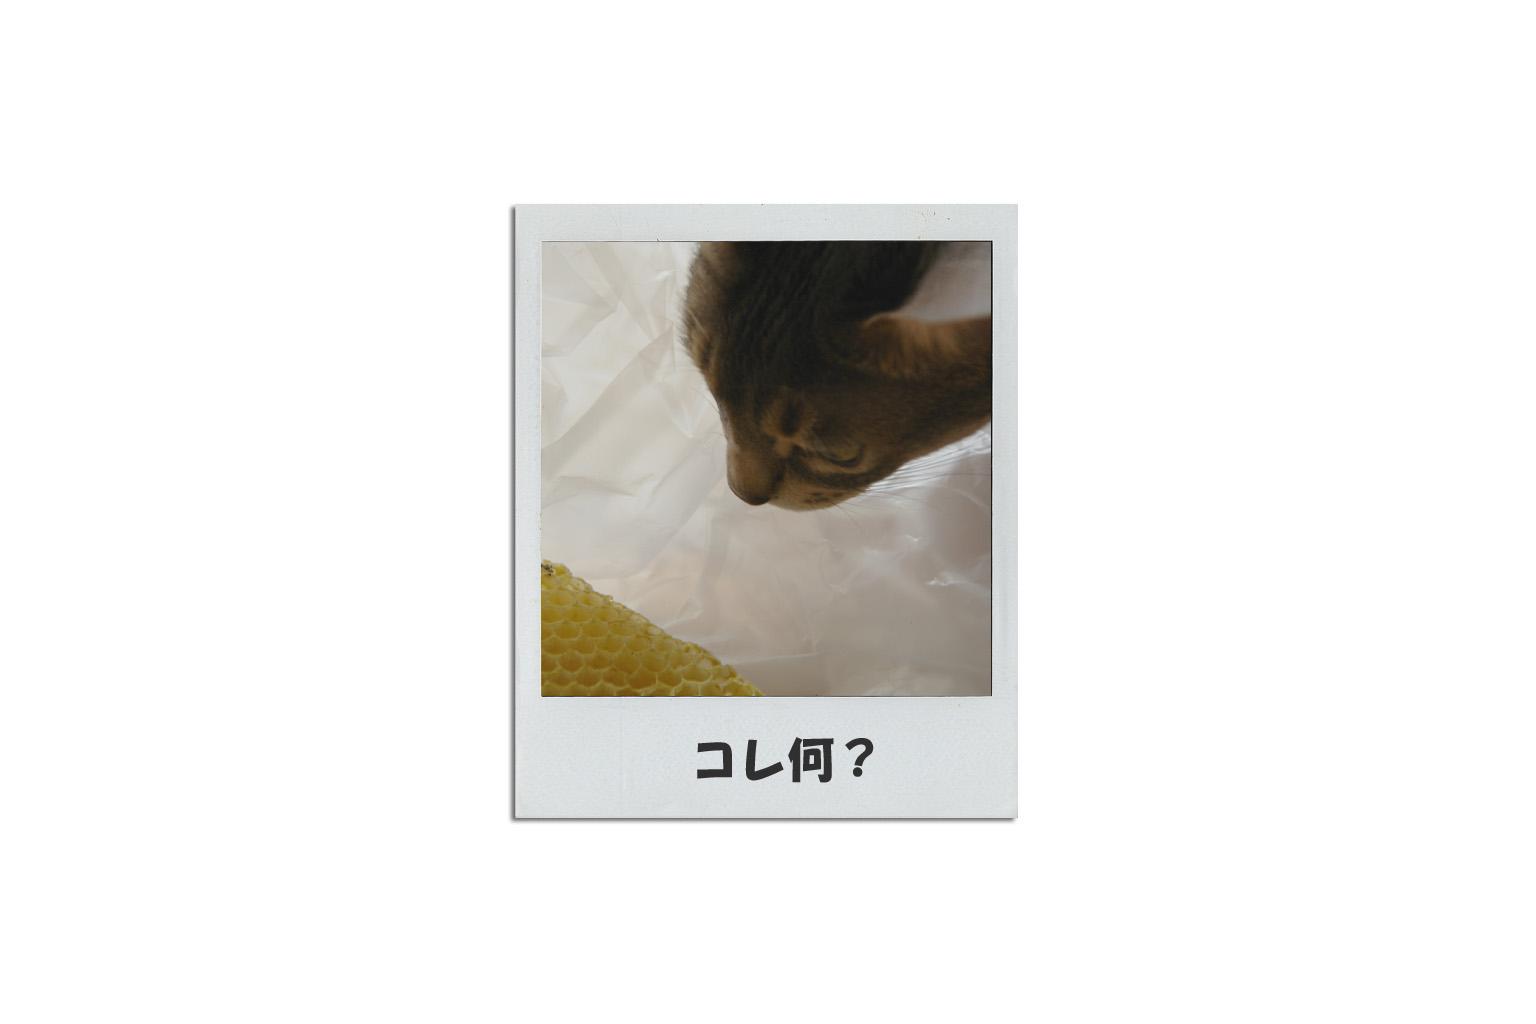 f0113207_17402658.jpg